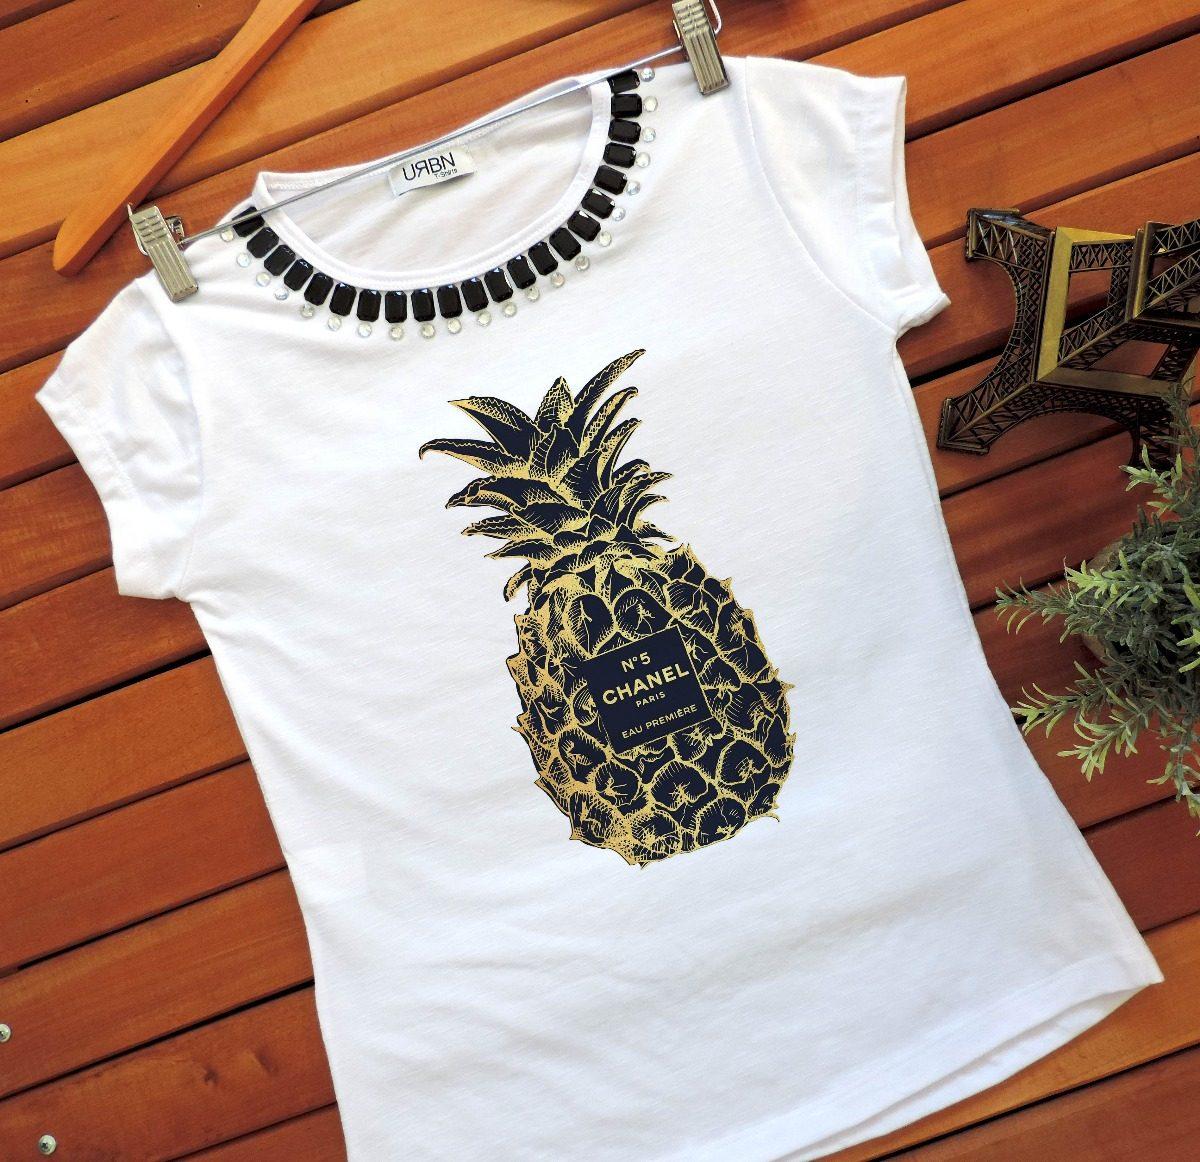 73b3d873d camiseta feminina t-shirt feminina blusa abacaxi verão 2019. Carregando  zoom.